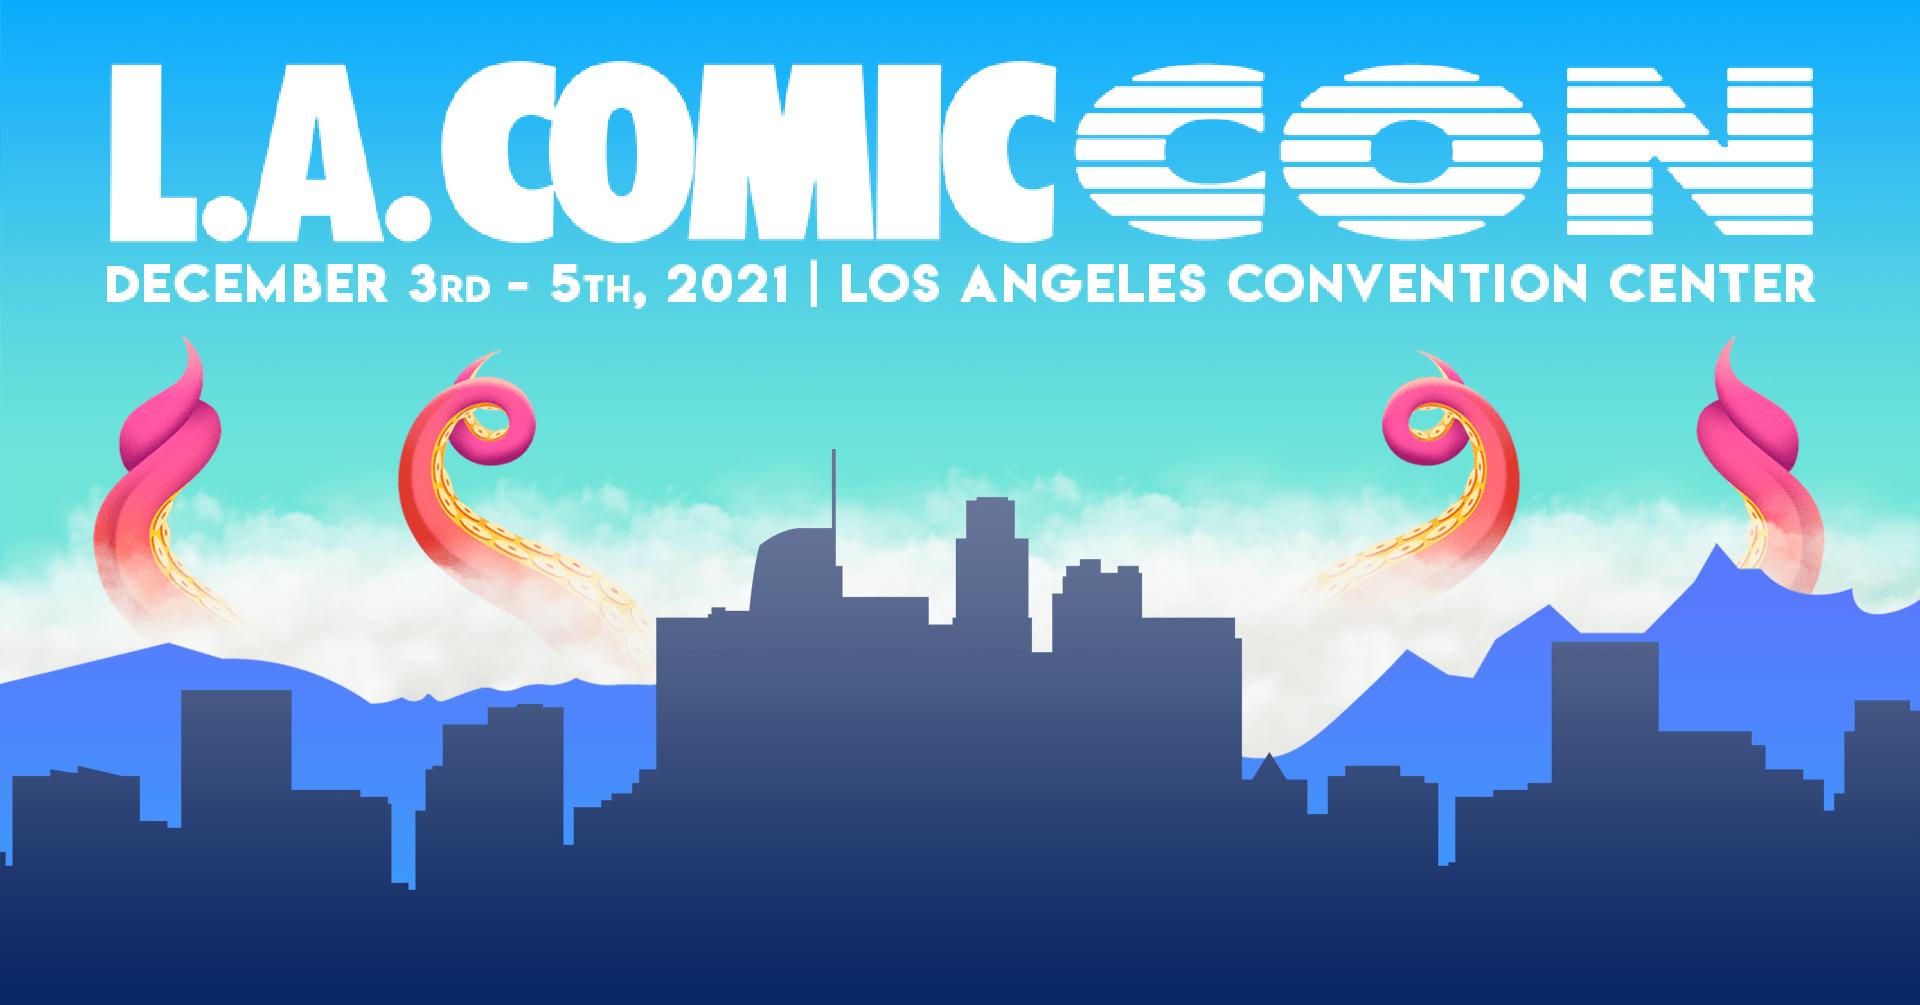 洛杉矶动漫展实体活动宣布回归,将于12月3日在会展中心举行